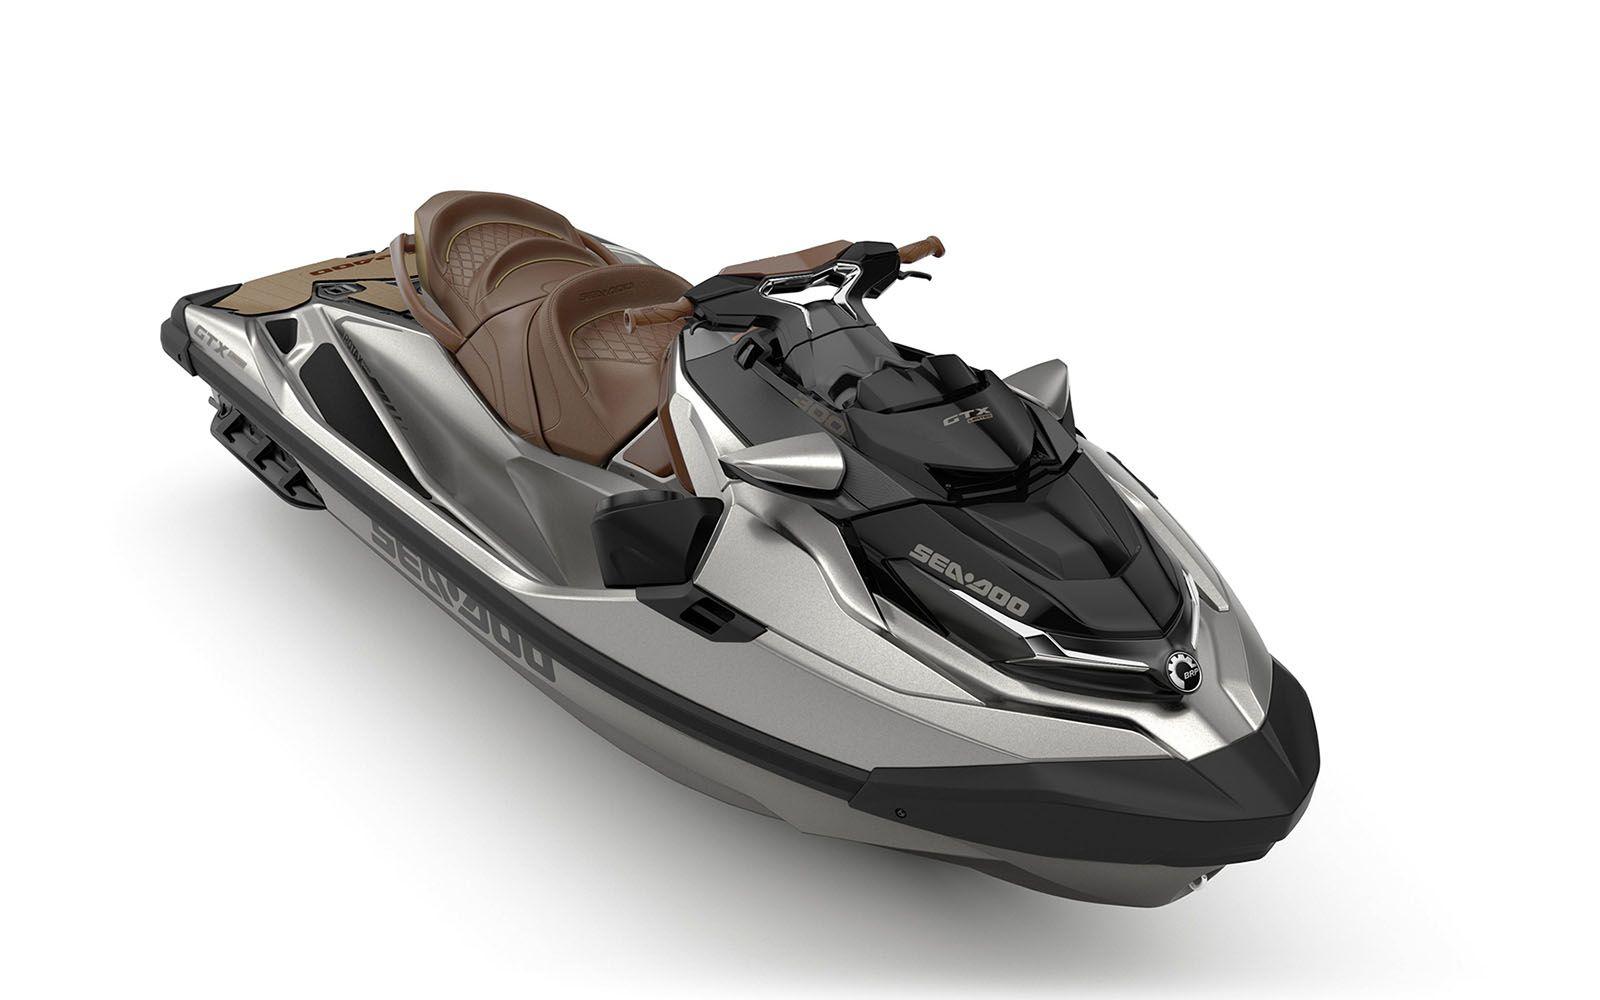 A Moto Aquatica Sea Doo Gtx Limited Conquistou O Premio Good Design No Japao No Ultimo Dia 3 De Outubro Em Toquio O Produto Tr Jet Ski Seadoo Jetski For Sale